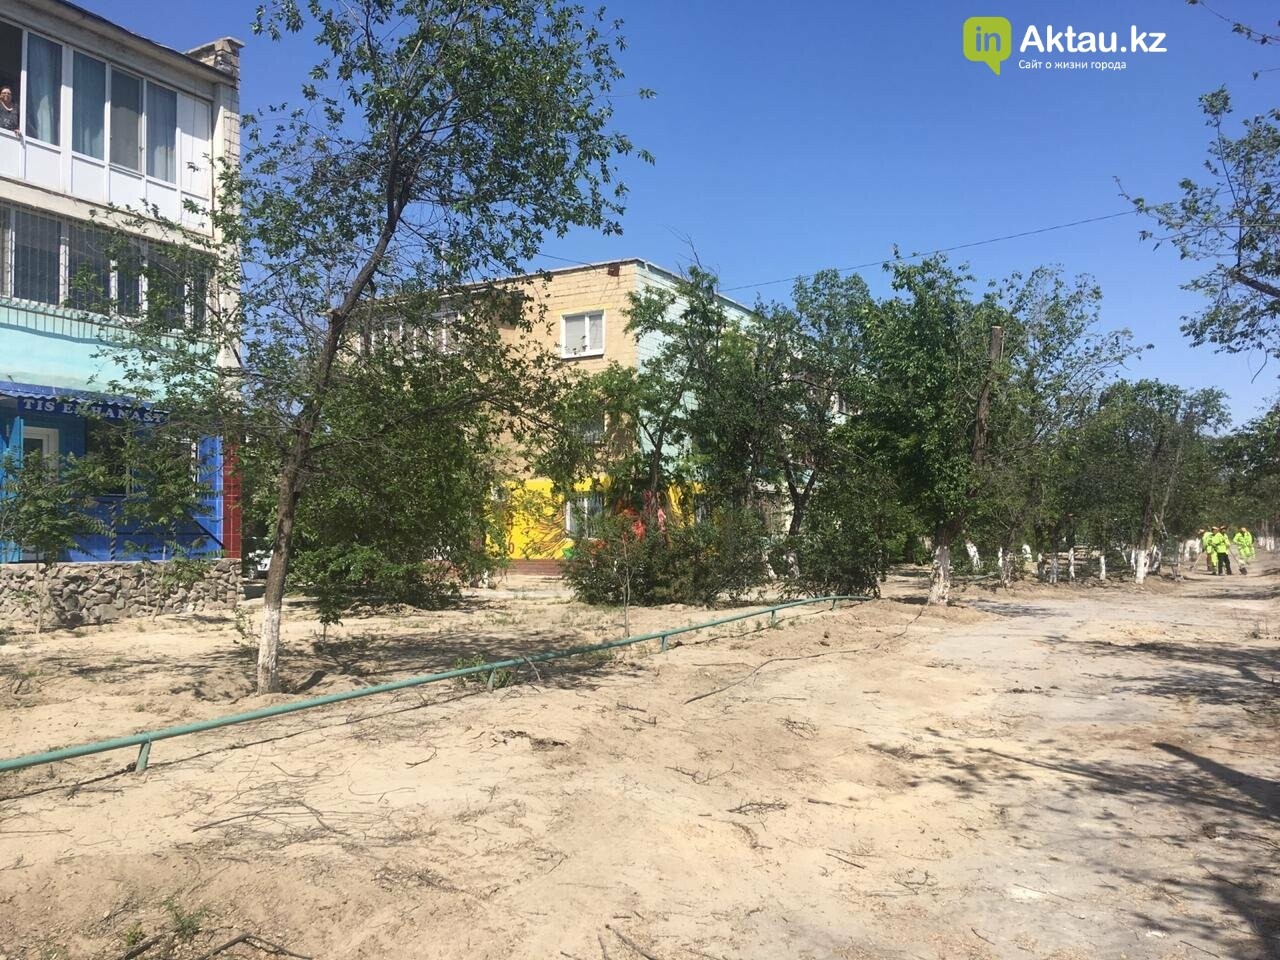 Самую зеленую аллею в Актау может заменить газон, фото-5